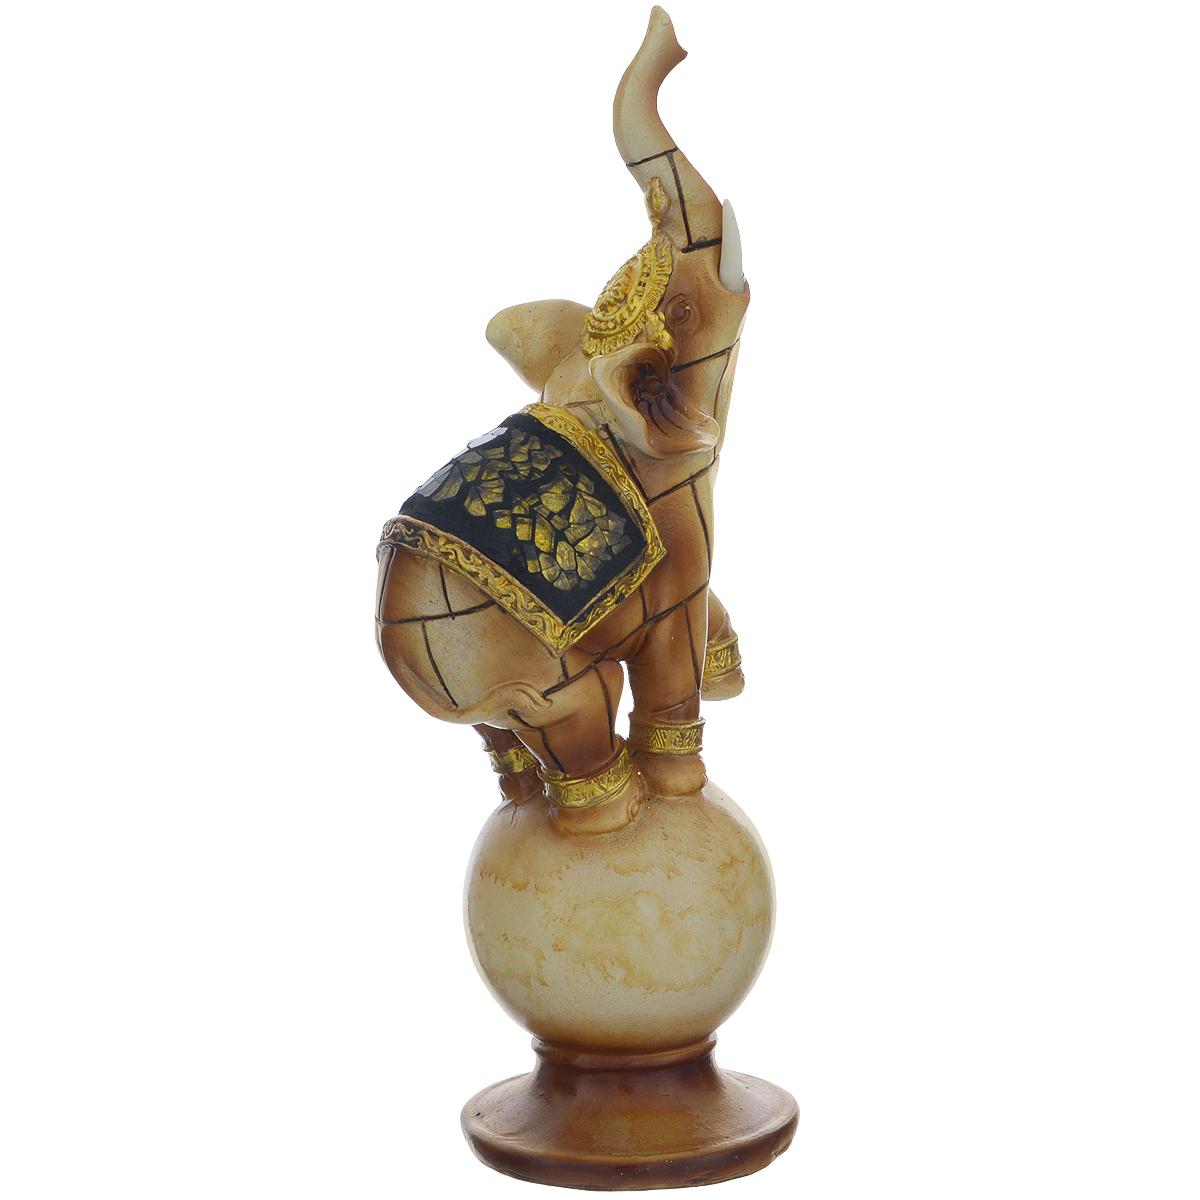 Фигурка декоративная Molento Слон на шаре, высота 21 см549-057Декоративная фигура Molento Слон на шаре, изготовленная из полистоуна, позволит вам украсить интерьер дома, рабочего кабинета или любого другого помещения оригинальным образом. Изделие, выполненное в виде слона на шаре, оформлено зеркальной россыпью. С такой декоративной фигурой вы сможете не просто внести в интерьер элемент оригинальности, но и создать атмосферу загадочности и изысканности. Размер фигурки: 8 см х 6 см х 21 см.